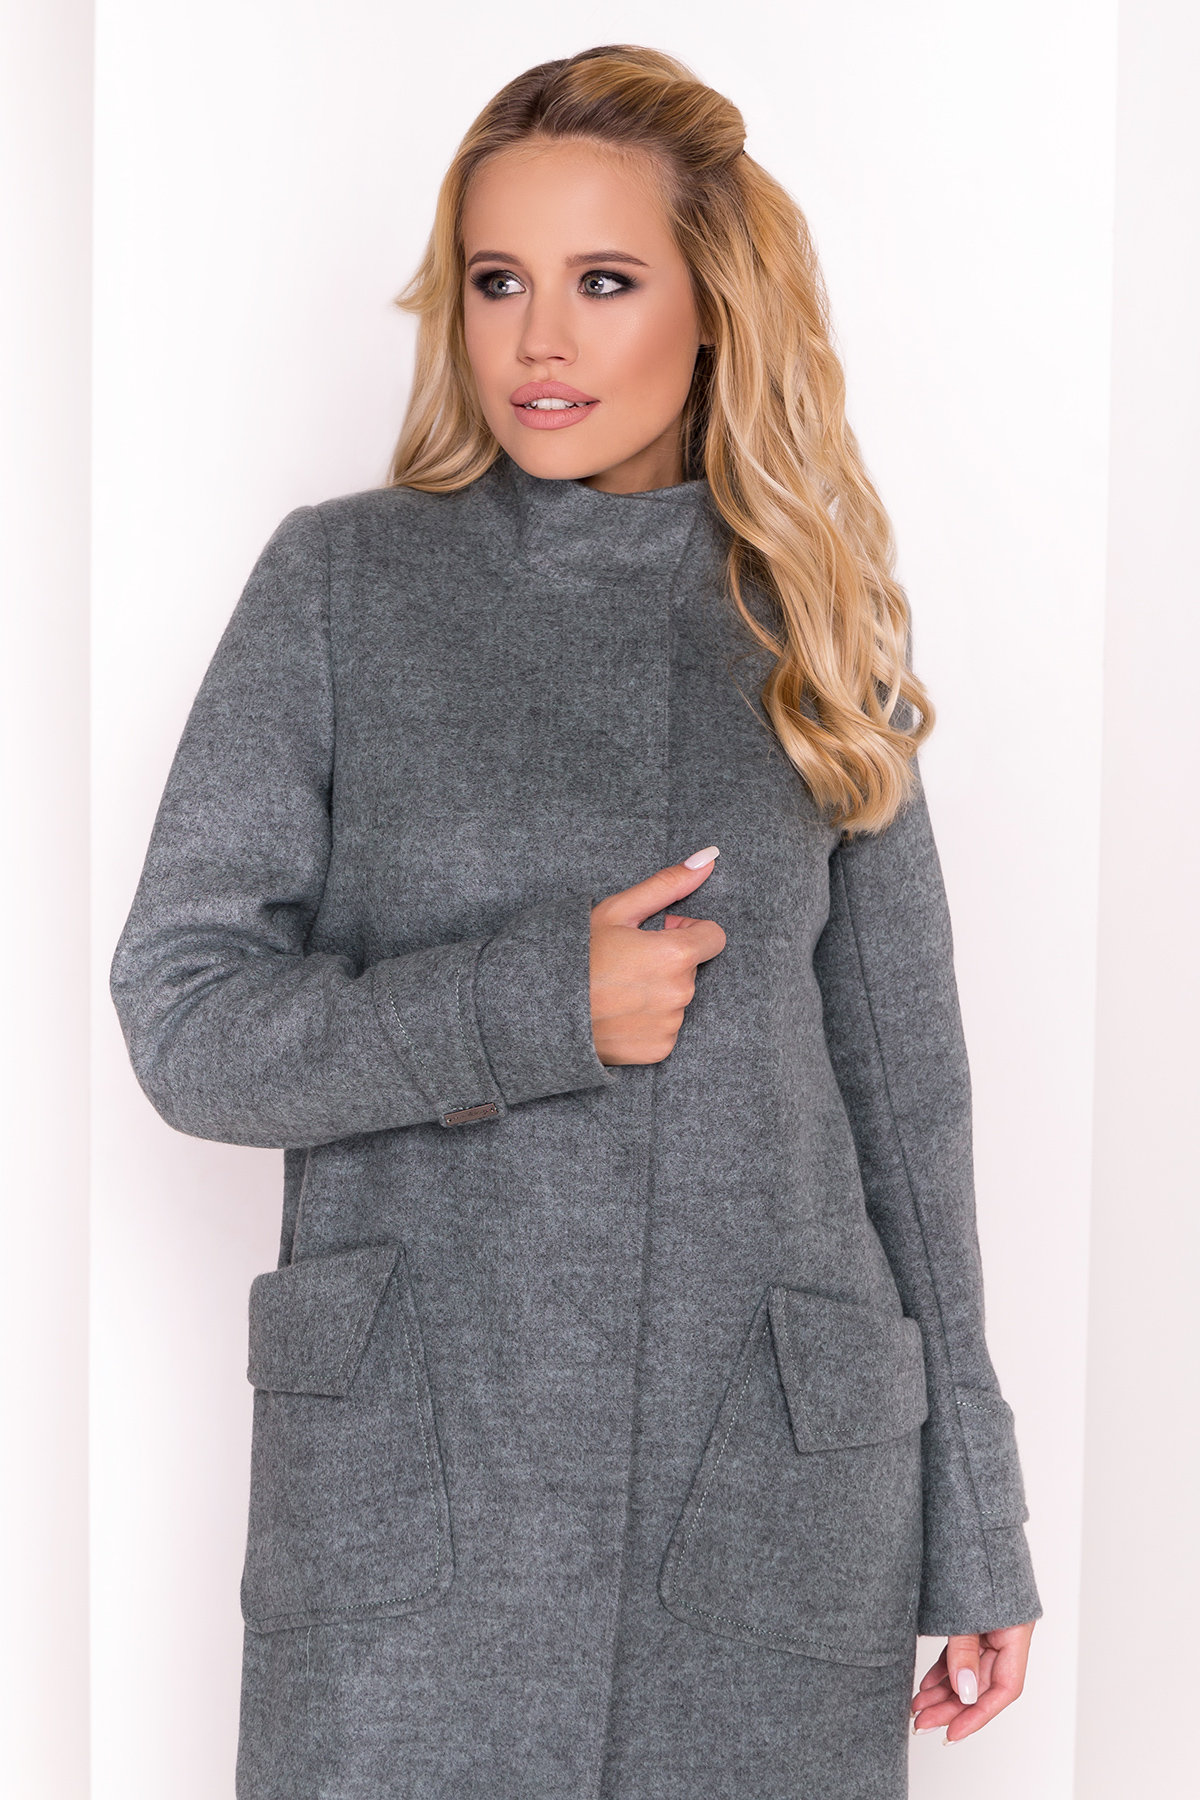 Демисезонное пальто с воротником стойка Эста 5417 АРТ. 36790 Цвет: Олива - фото 3, интернет магазин tm-modus.ru